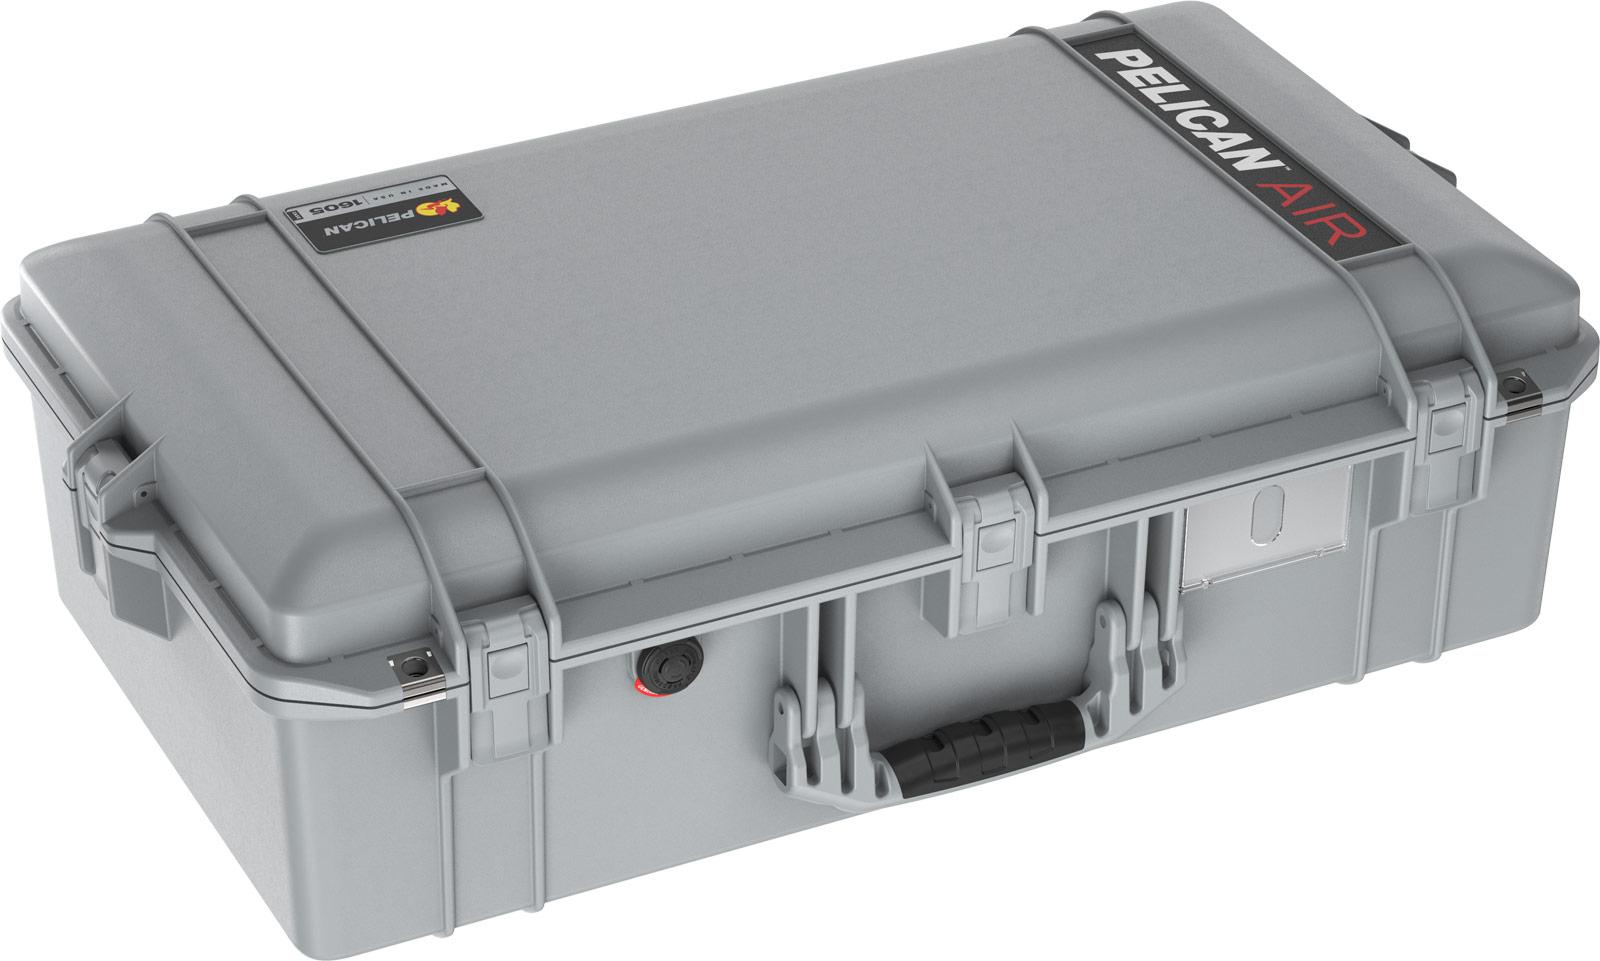 shopping pelican air 1605 buy silver camera case